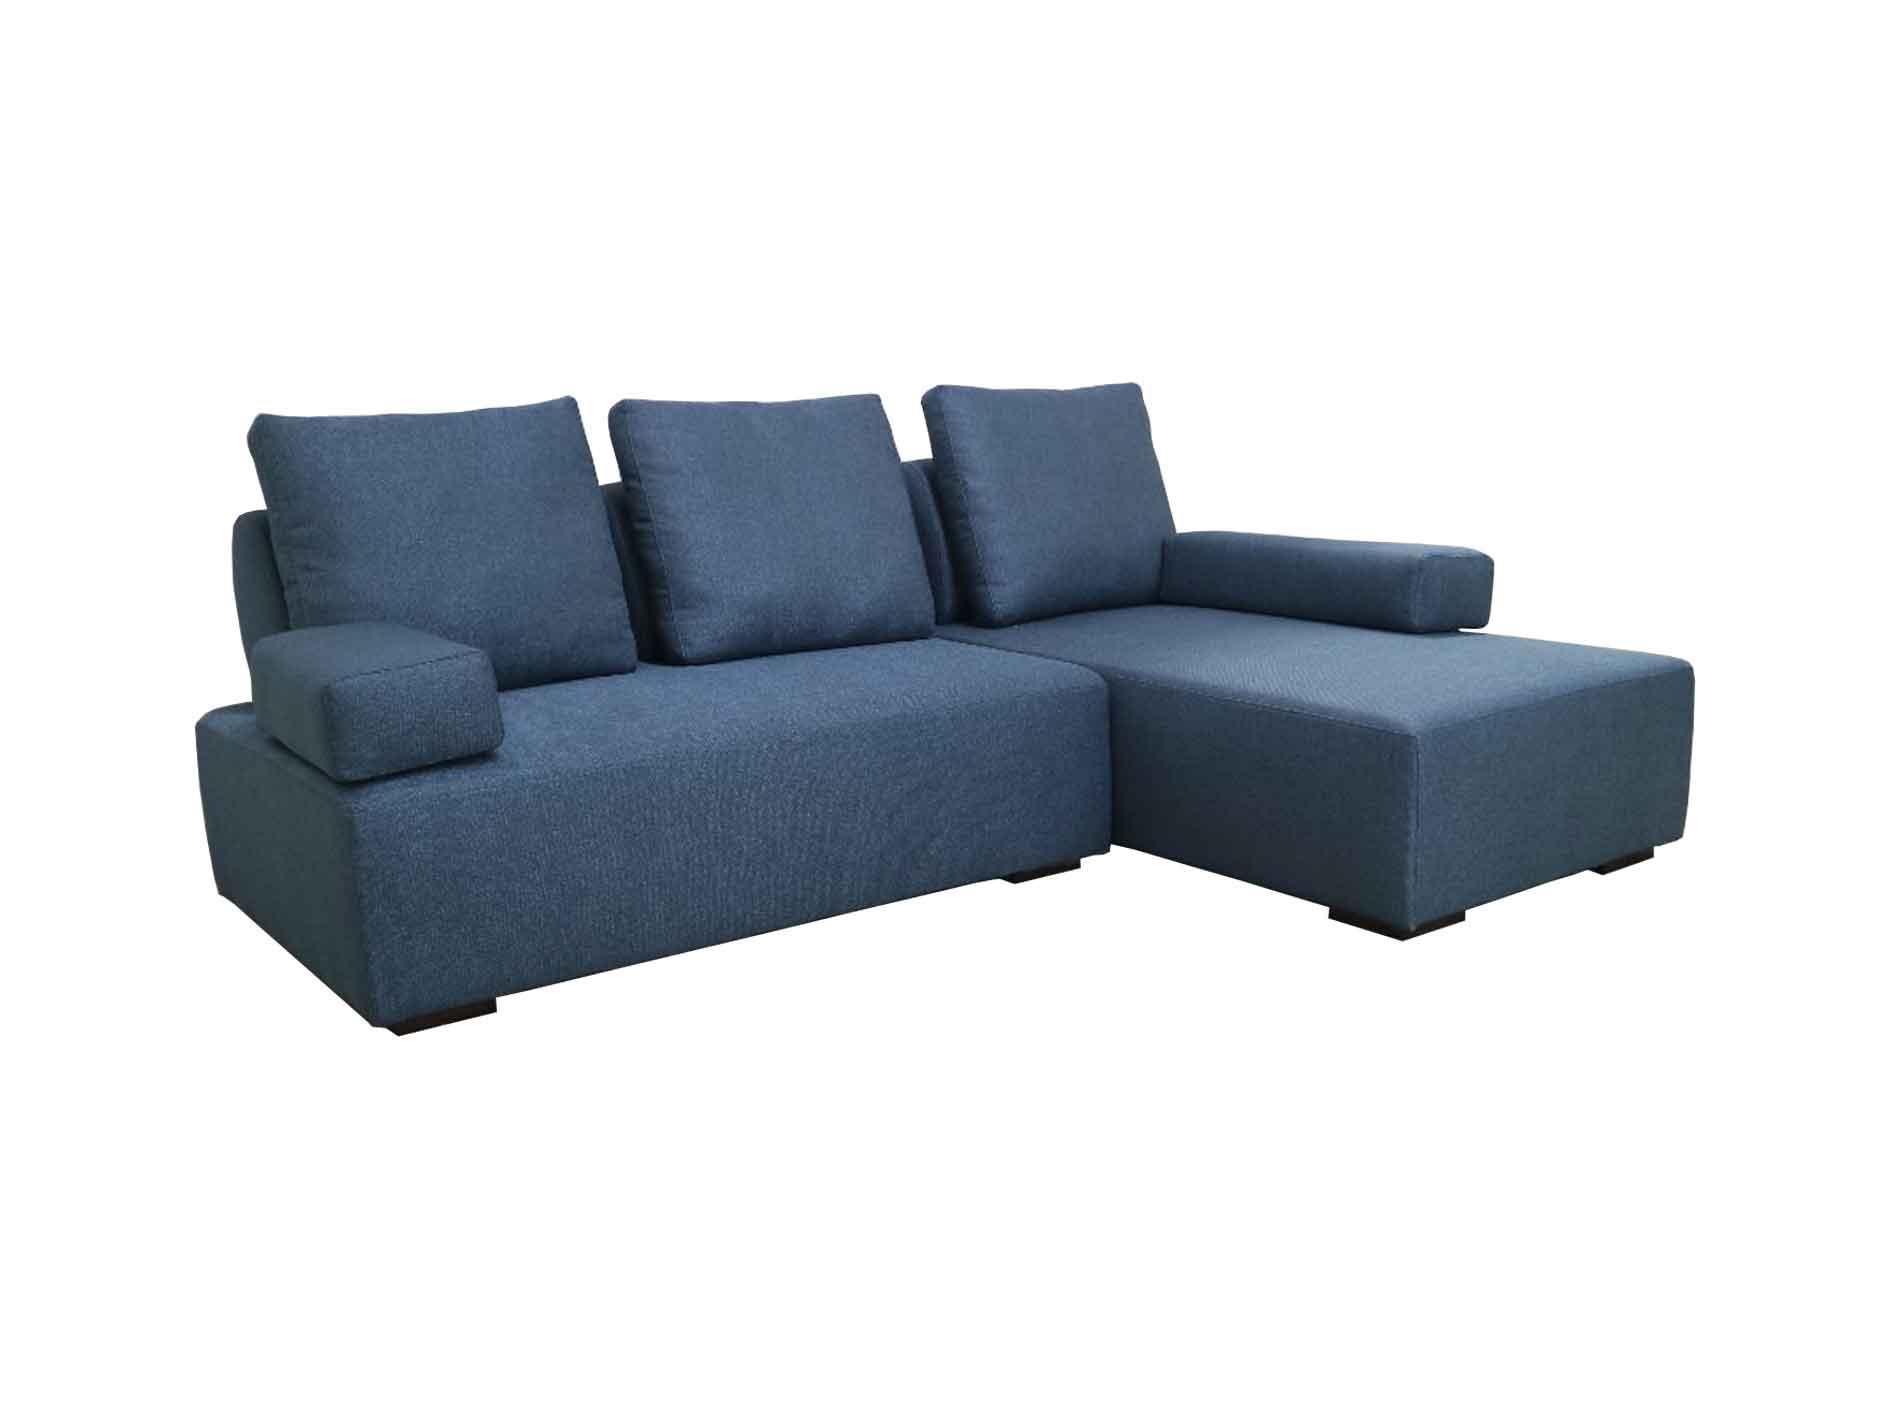 Valerio Designer Italian Fabric Sofa – Volonta – 3 Seater L-shape fabric sofa (2.35M)